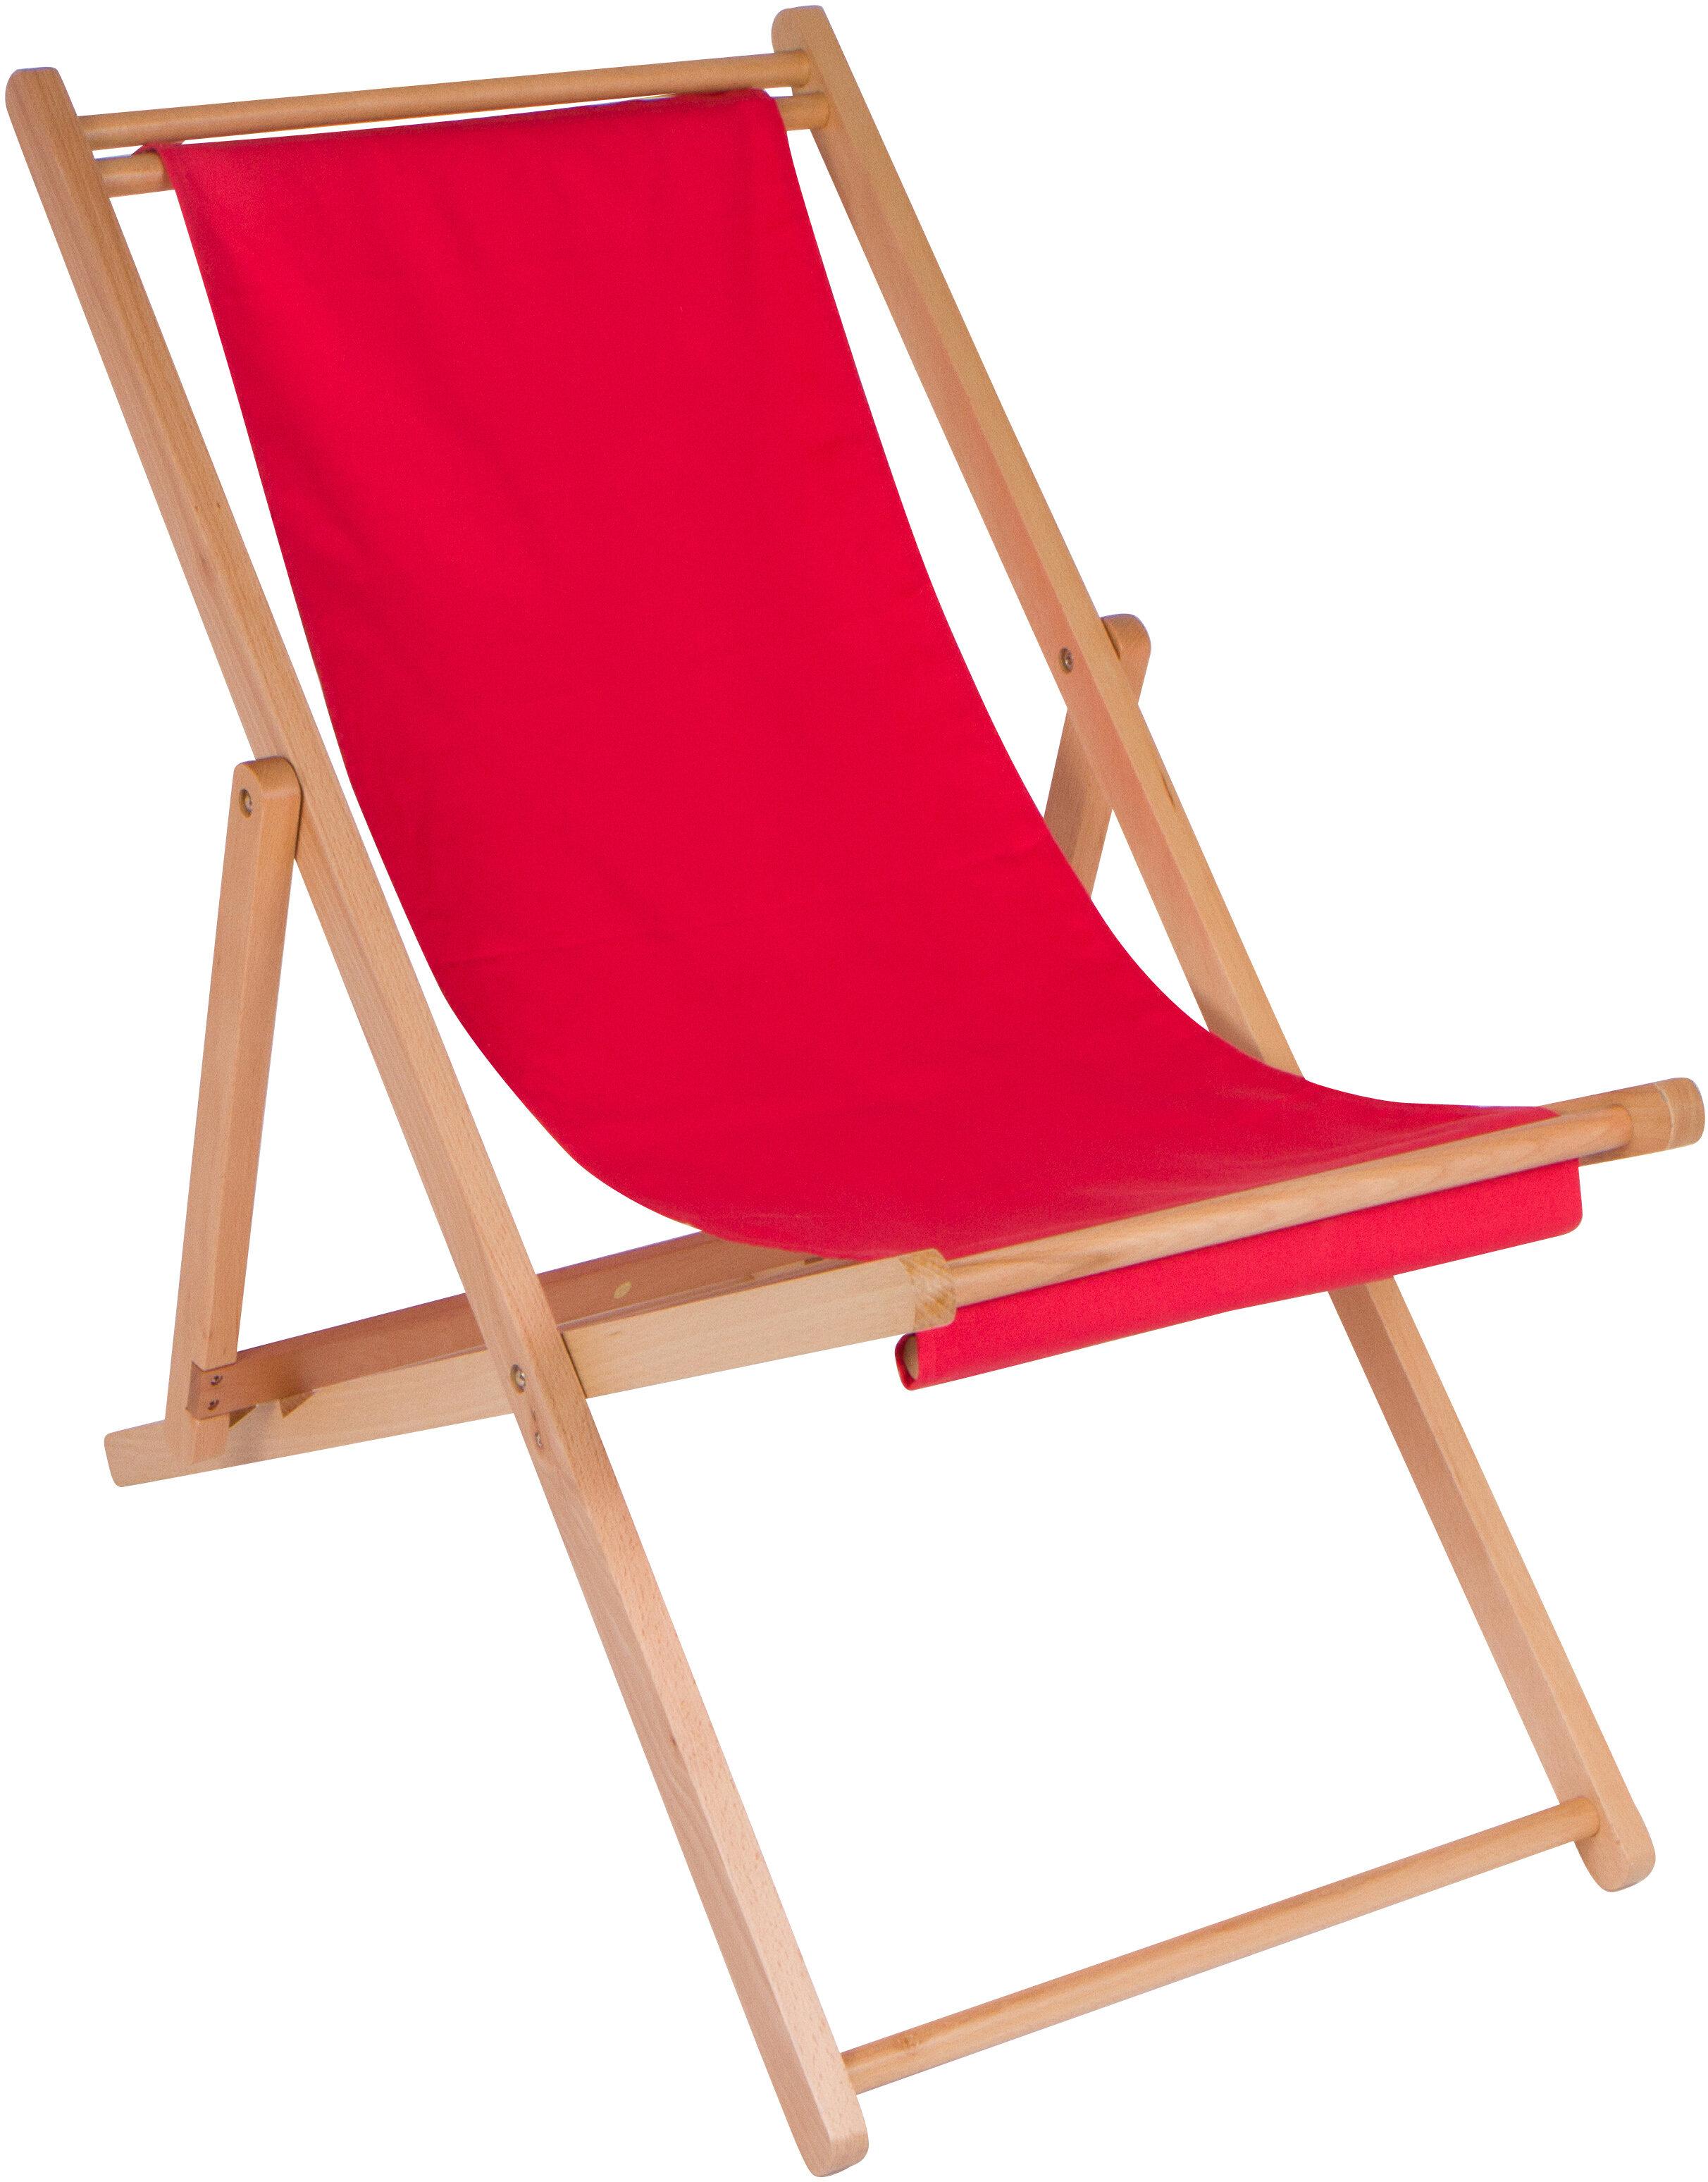 Trademark Innovations Cabana Reclining Beach Chair | Wayfair